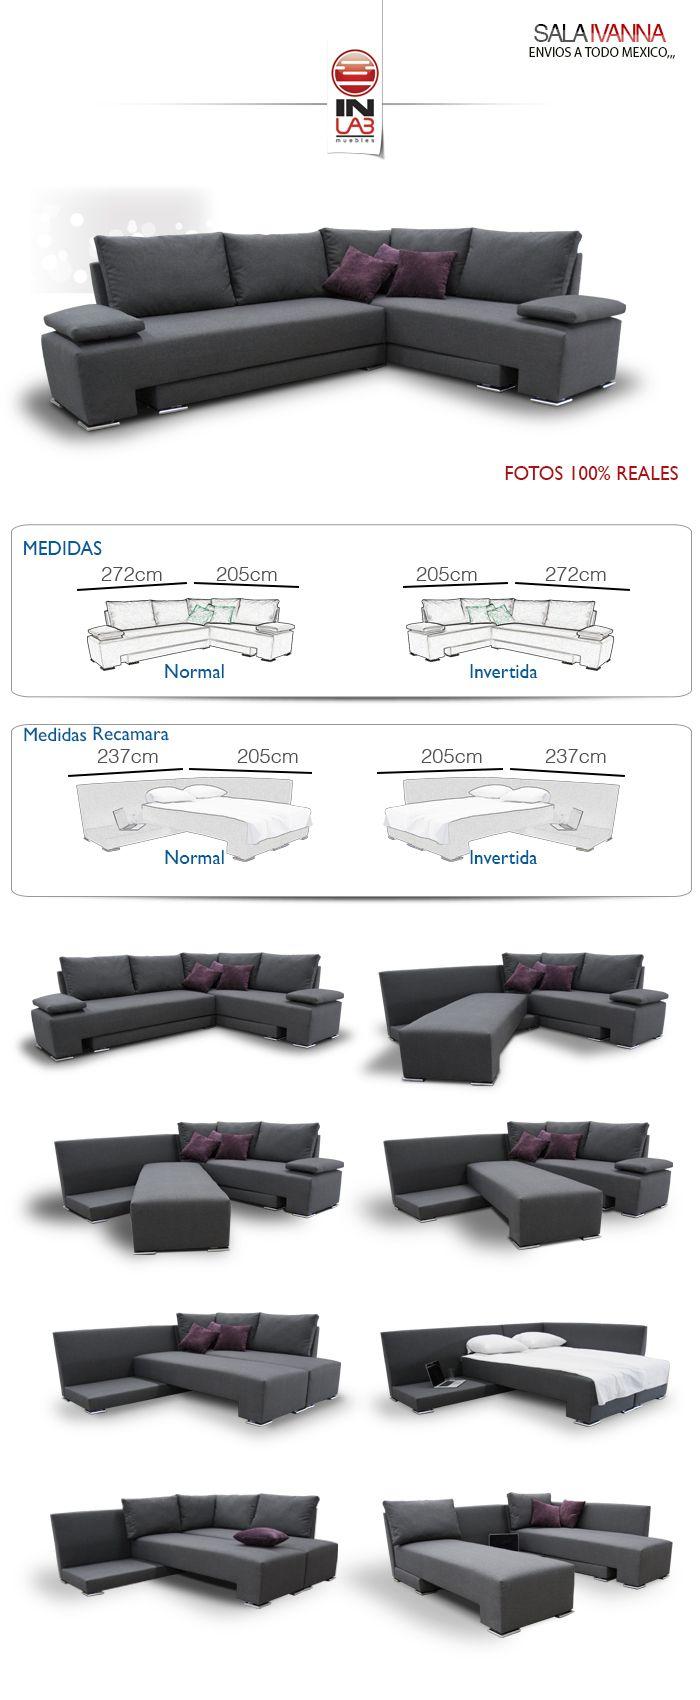 Sala En Esquina Ivanna De Inlab Muebles Es Recamara Y Sofa - $ 6,990.00